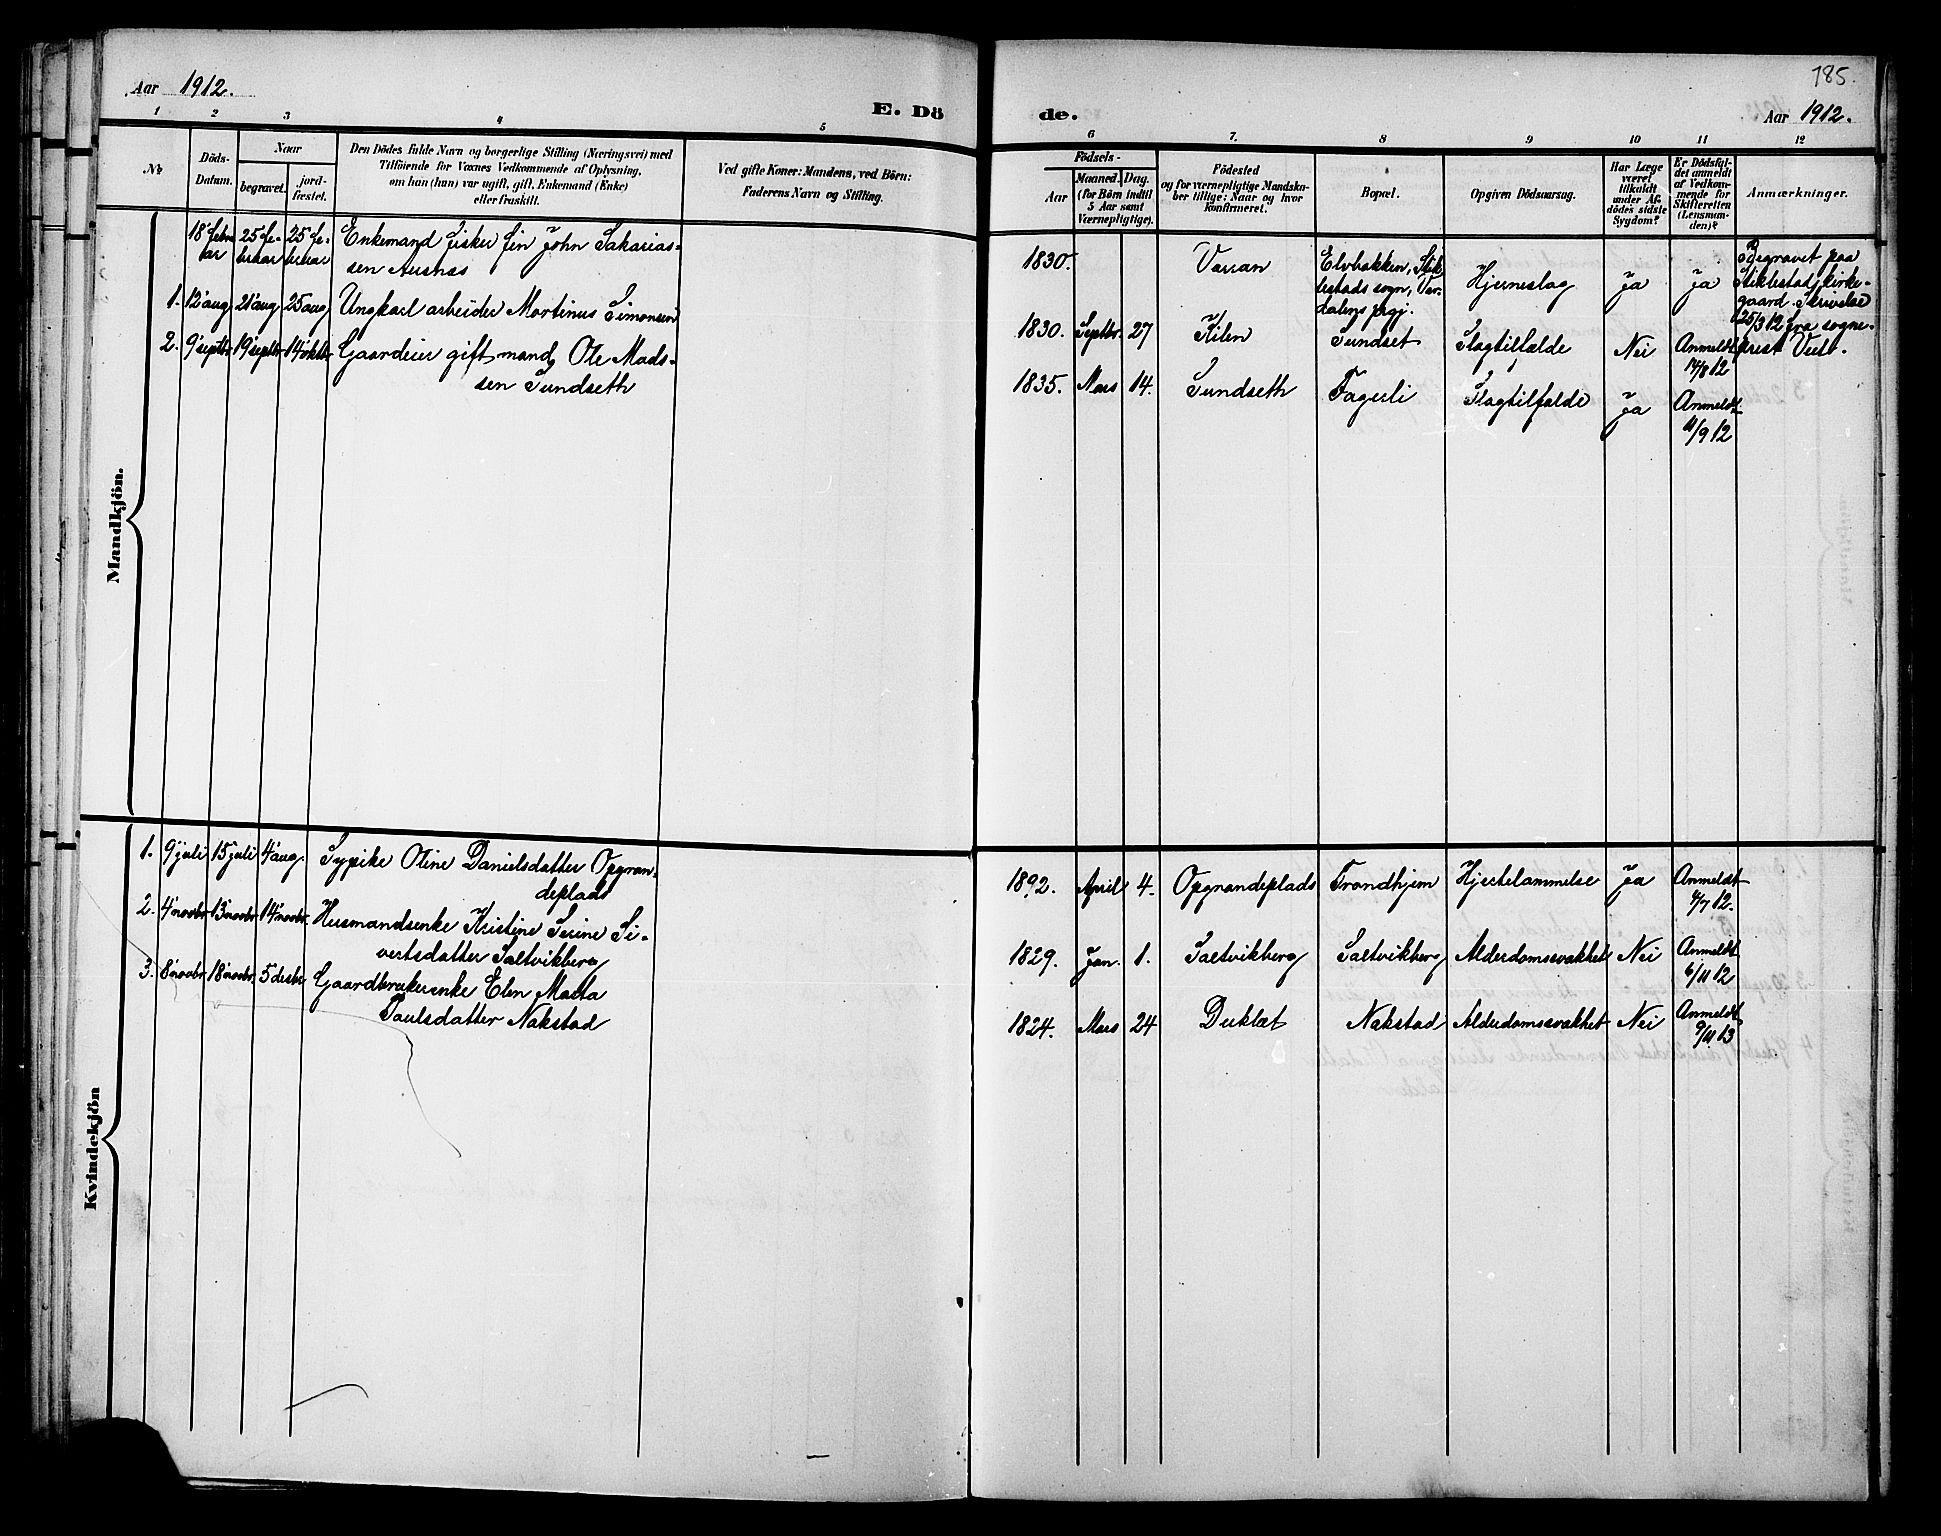 SAT, Ministerialprotokoller, klokkerbøker og fødselsregistre - Nord-Trøndelag, 733/L0327: Klokkerbok nr. 733C02, 1888-1918, s. 185